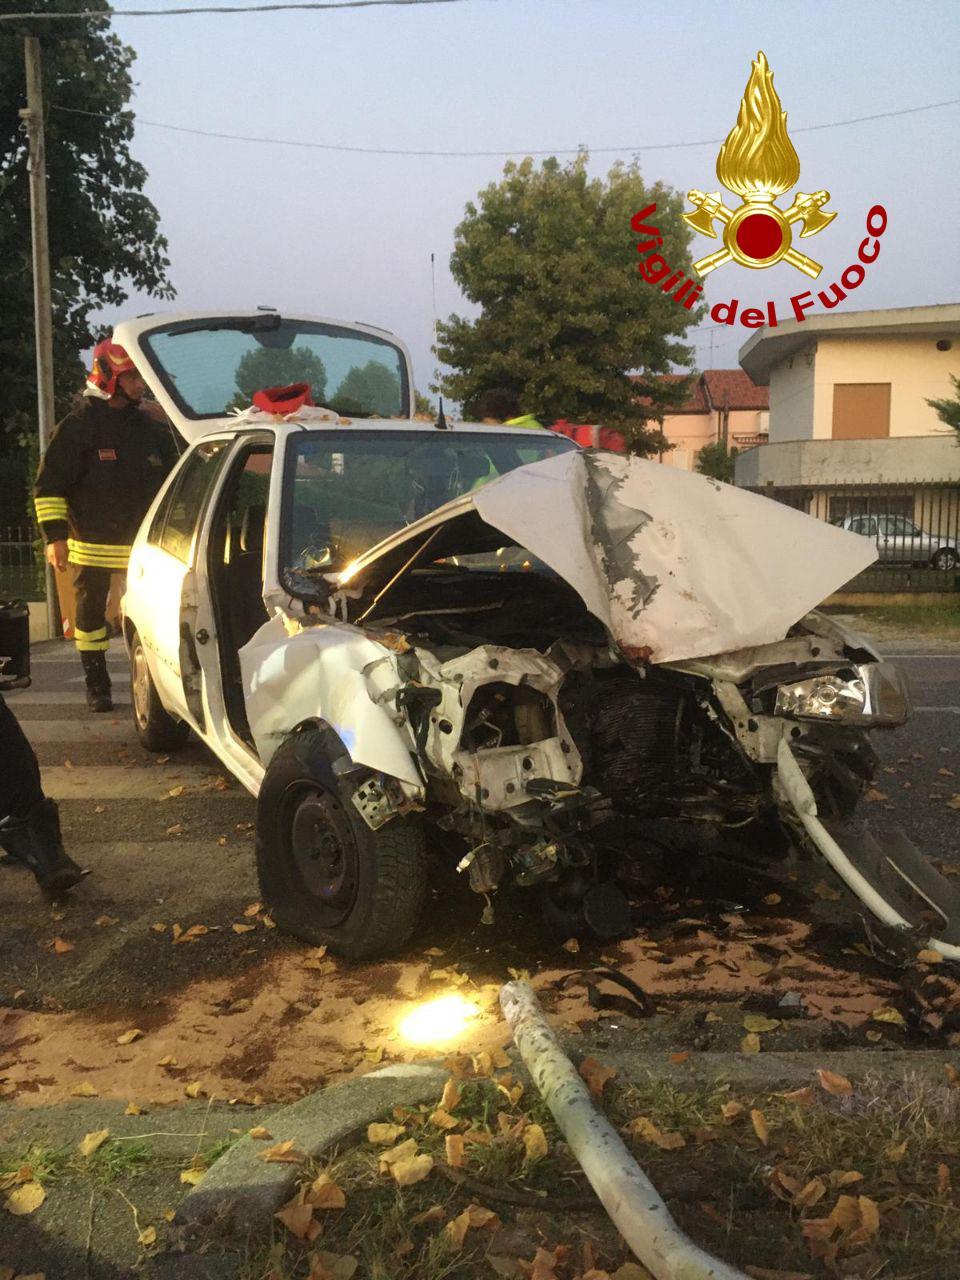 Auto fuori strada si schianta contro un albero a Maserada sul Piave: un ferito